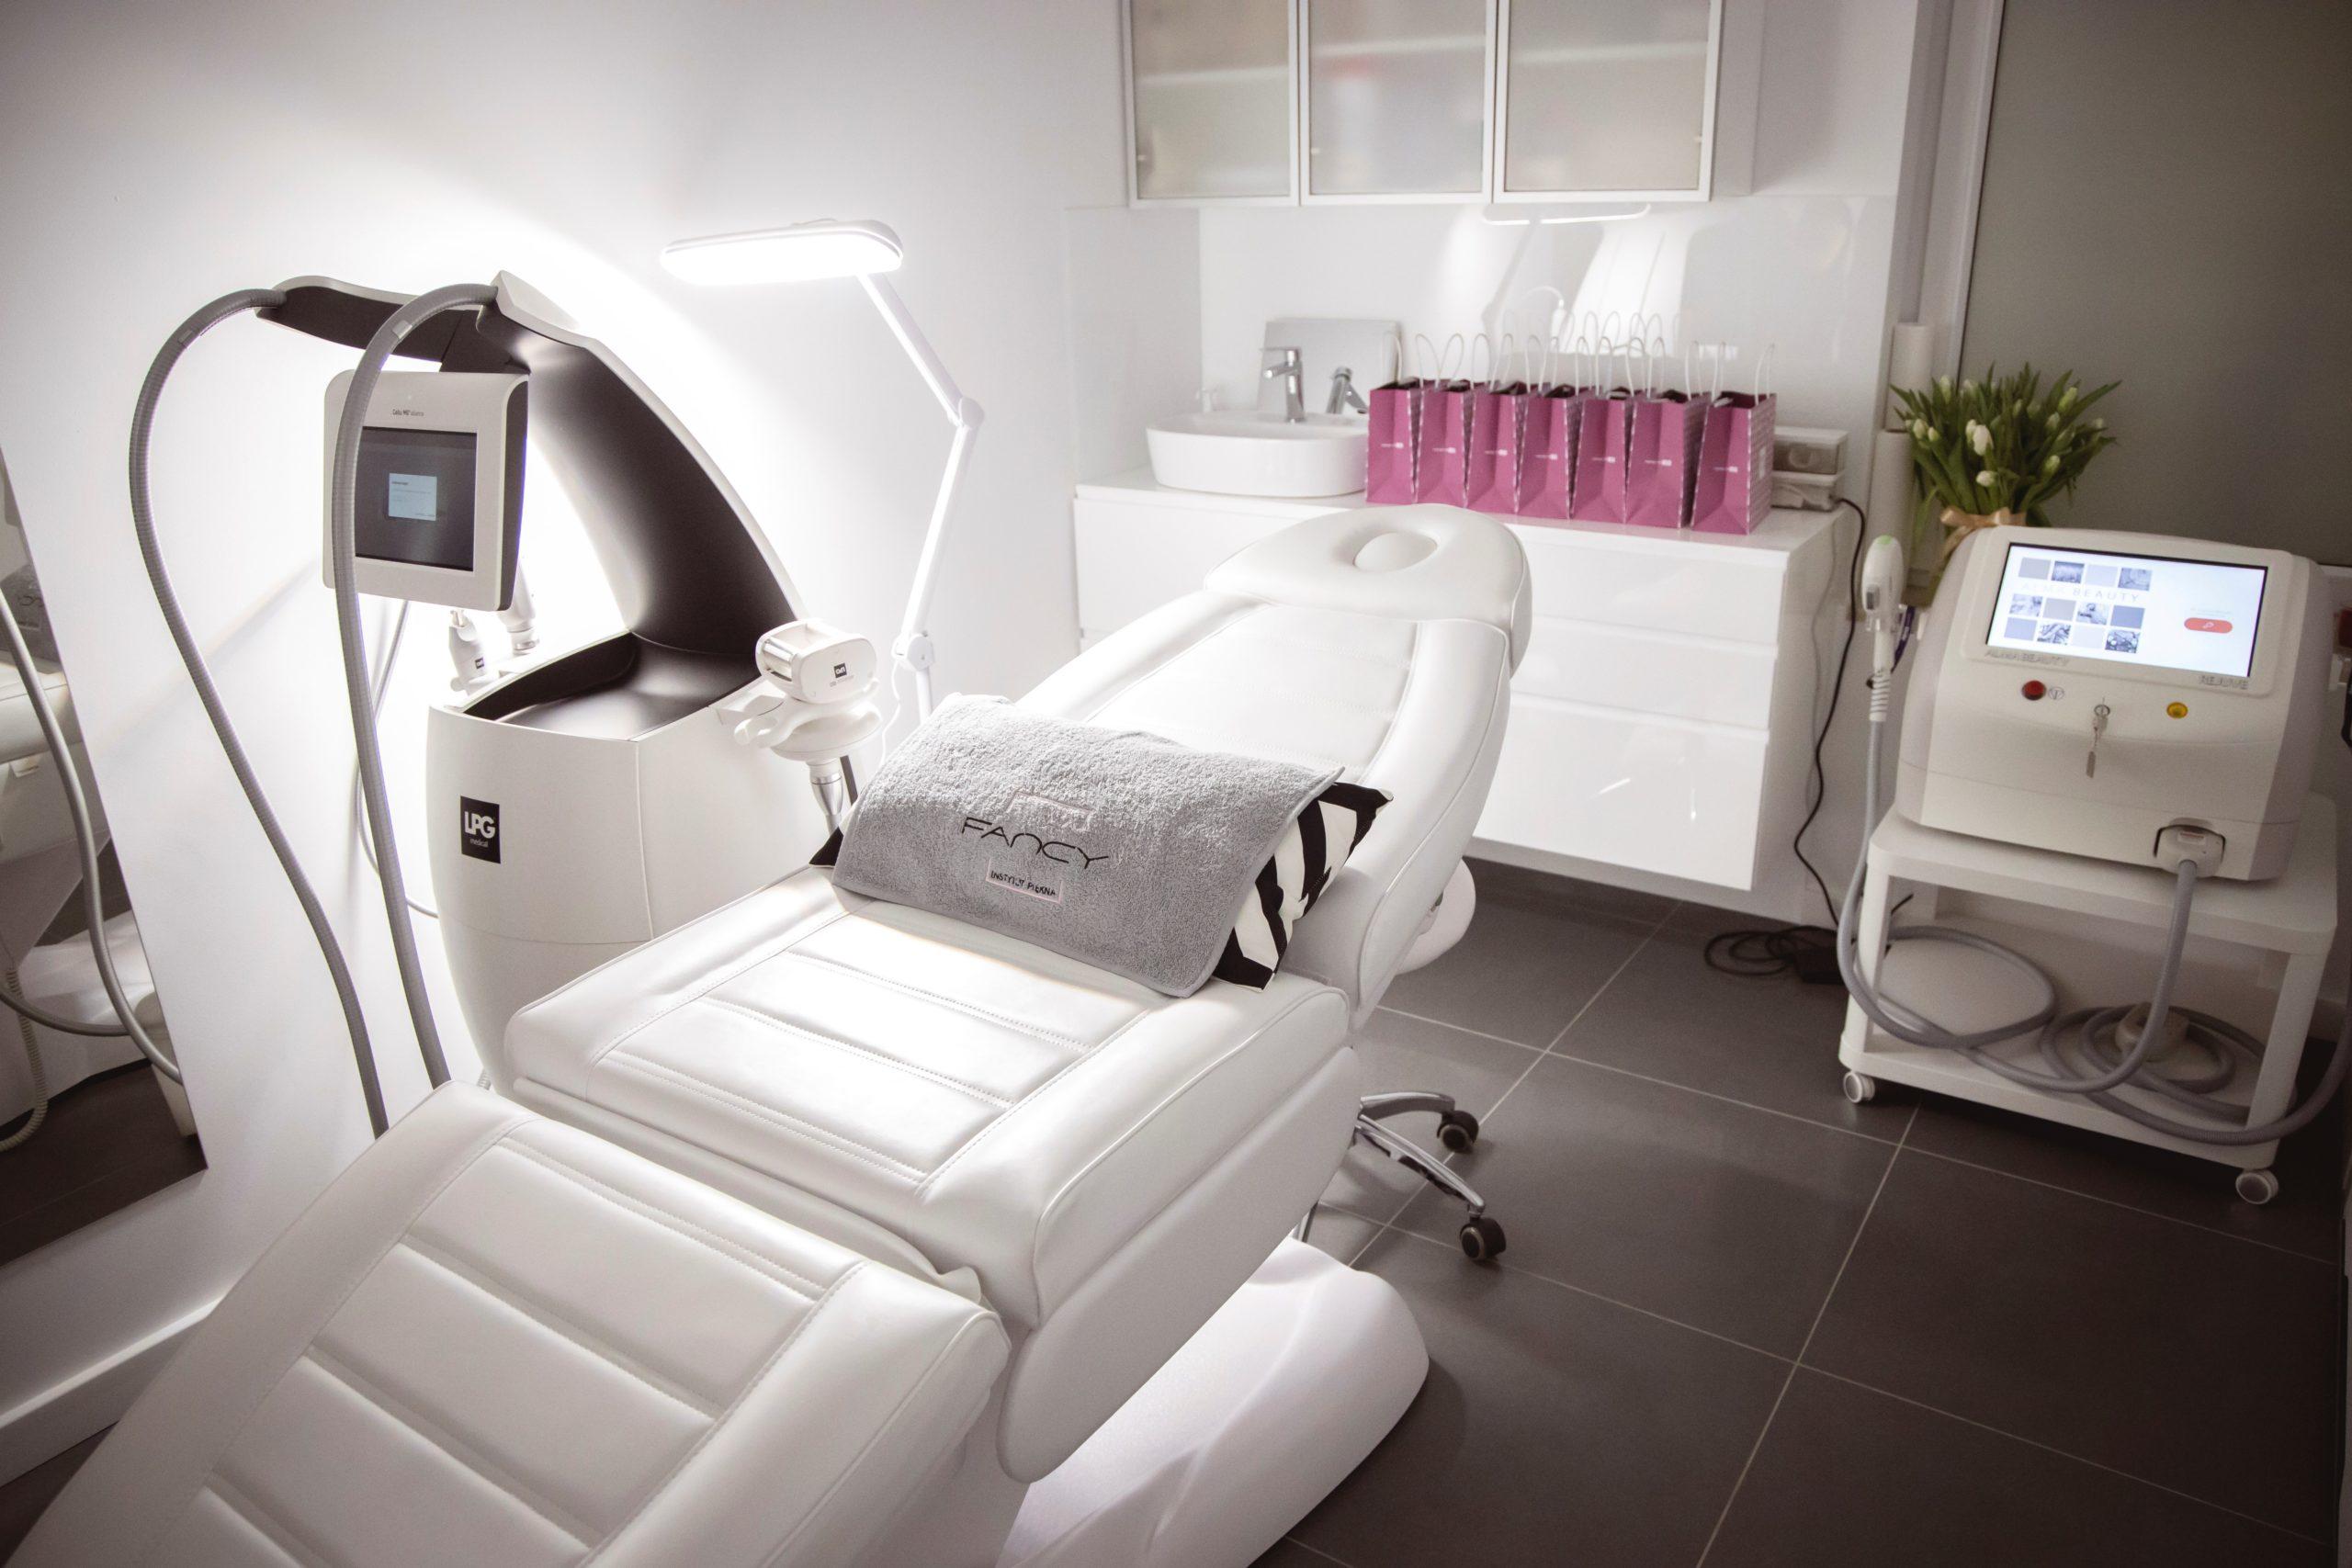 Zdjęcie przedstawia biały, rozkądany fotel w salonie usługowym